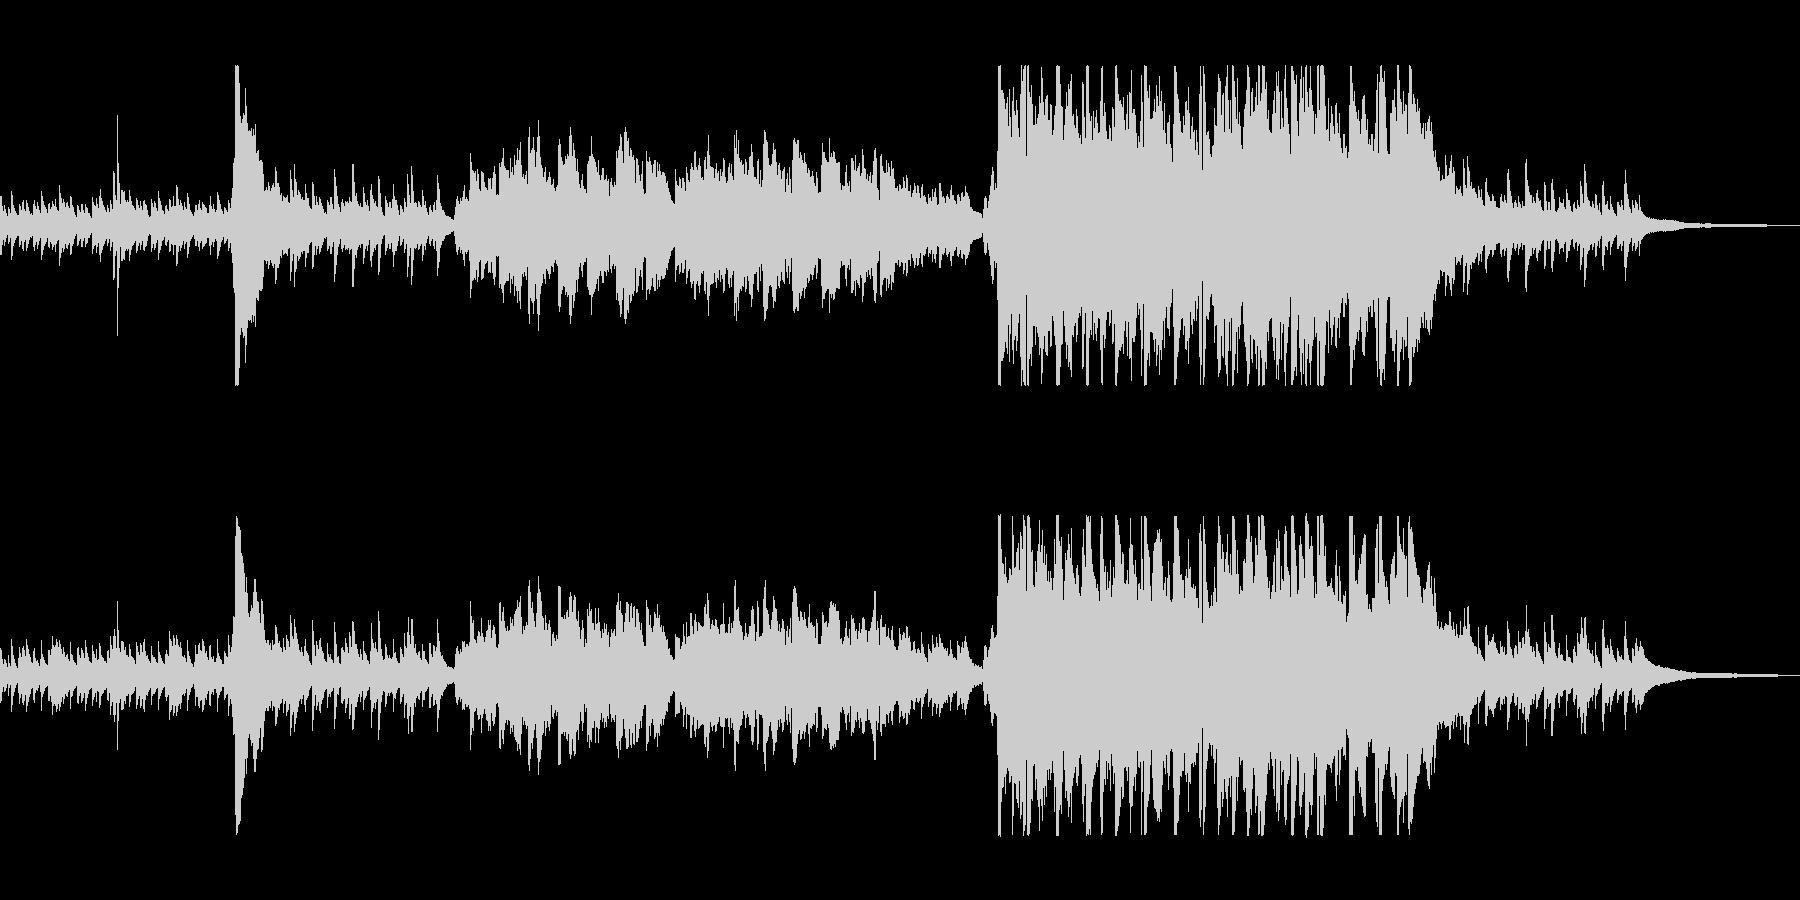 クラシカルなバイオリンとピアノのバラードの未再生の波形